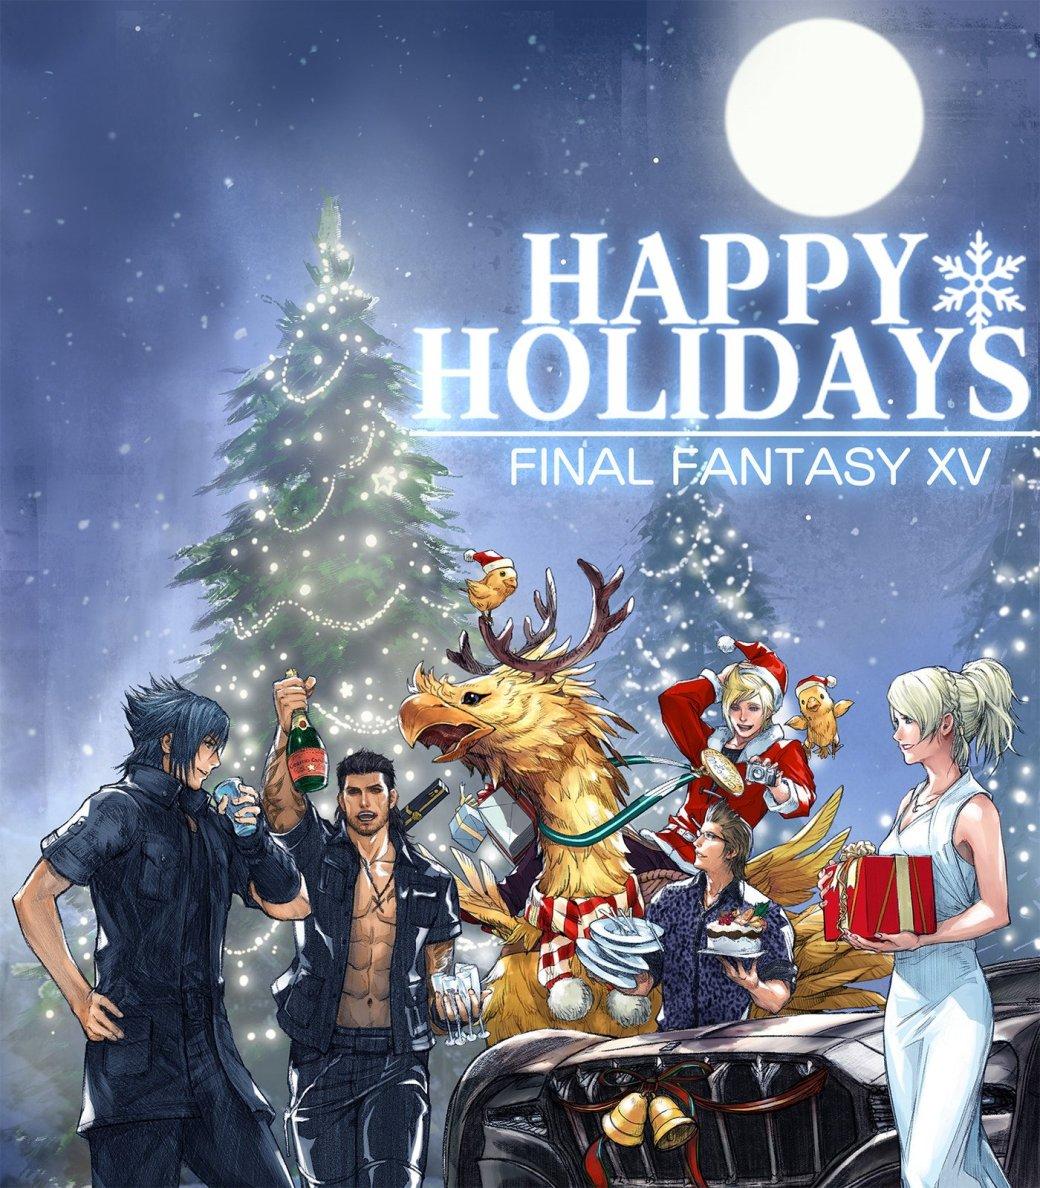 С праздниками! Разработчики поздравляют с Новым годом и Рождеством | Канобу - Изображение 7